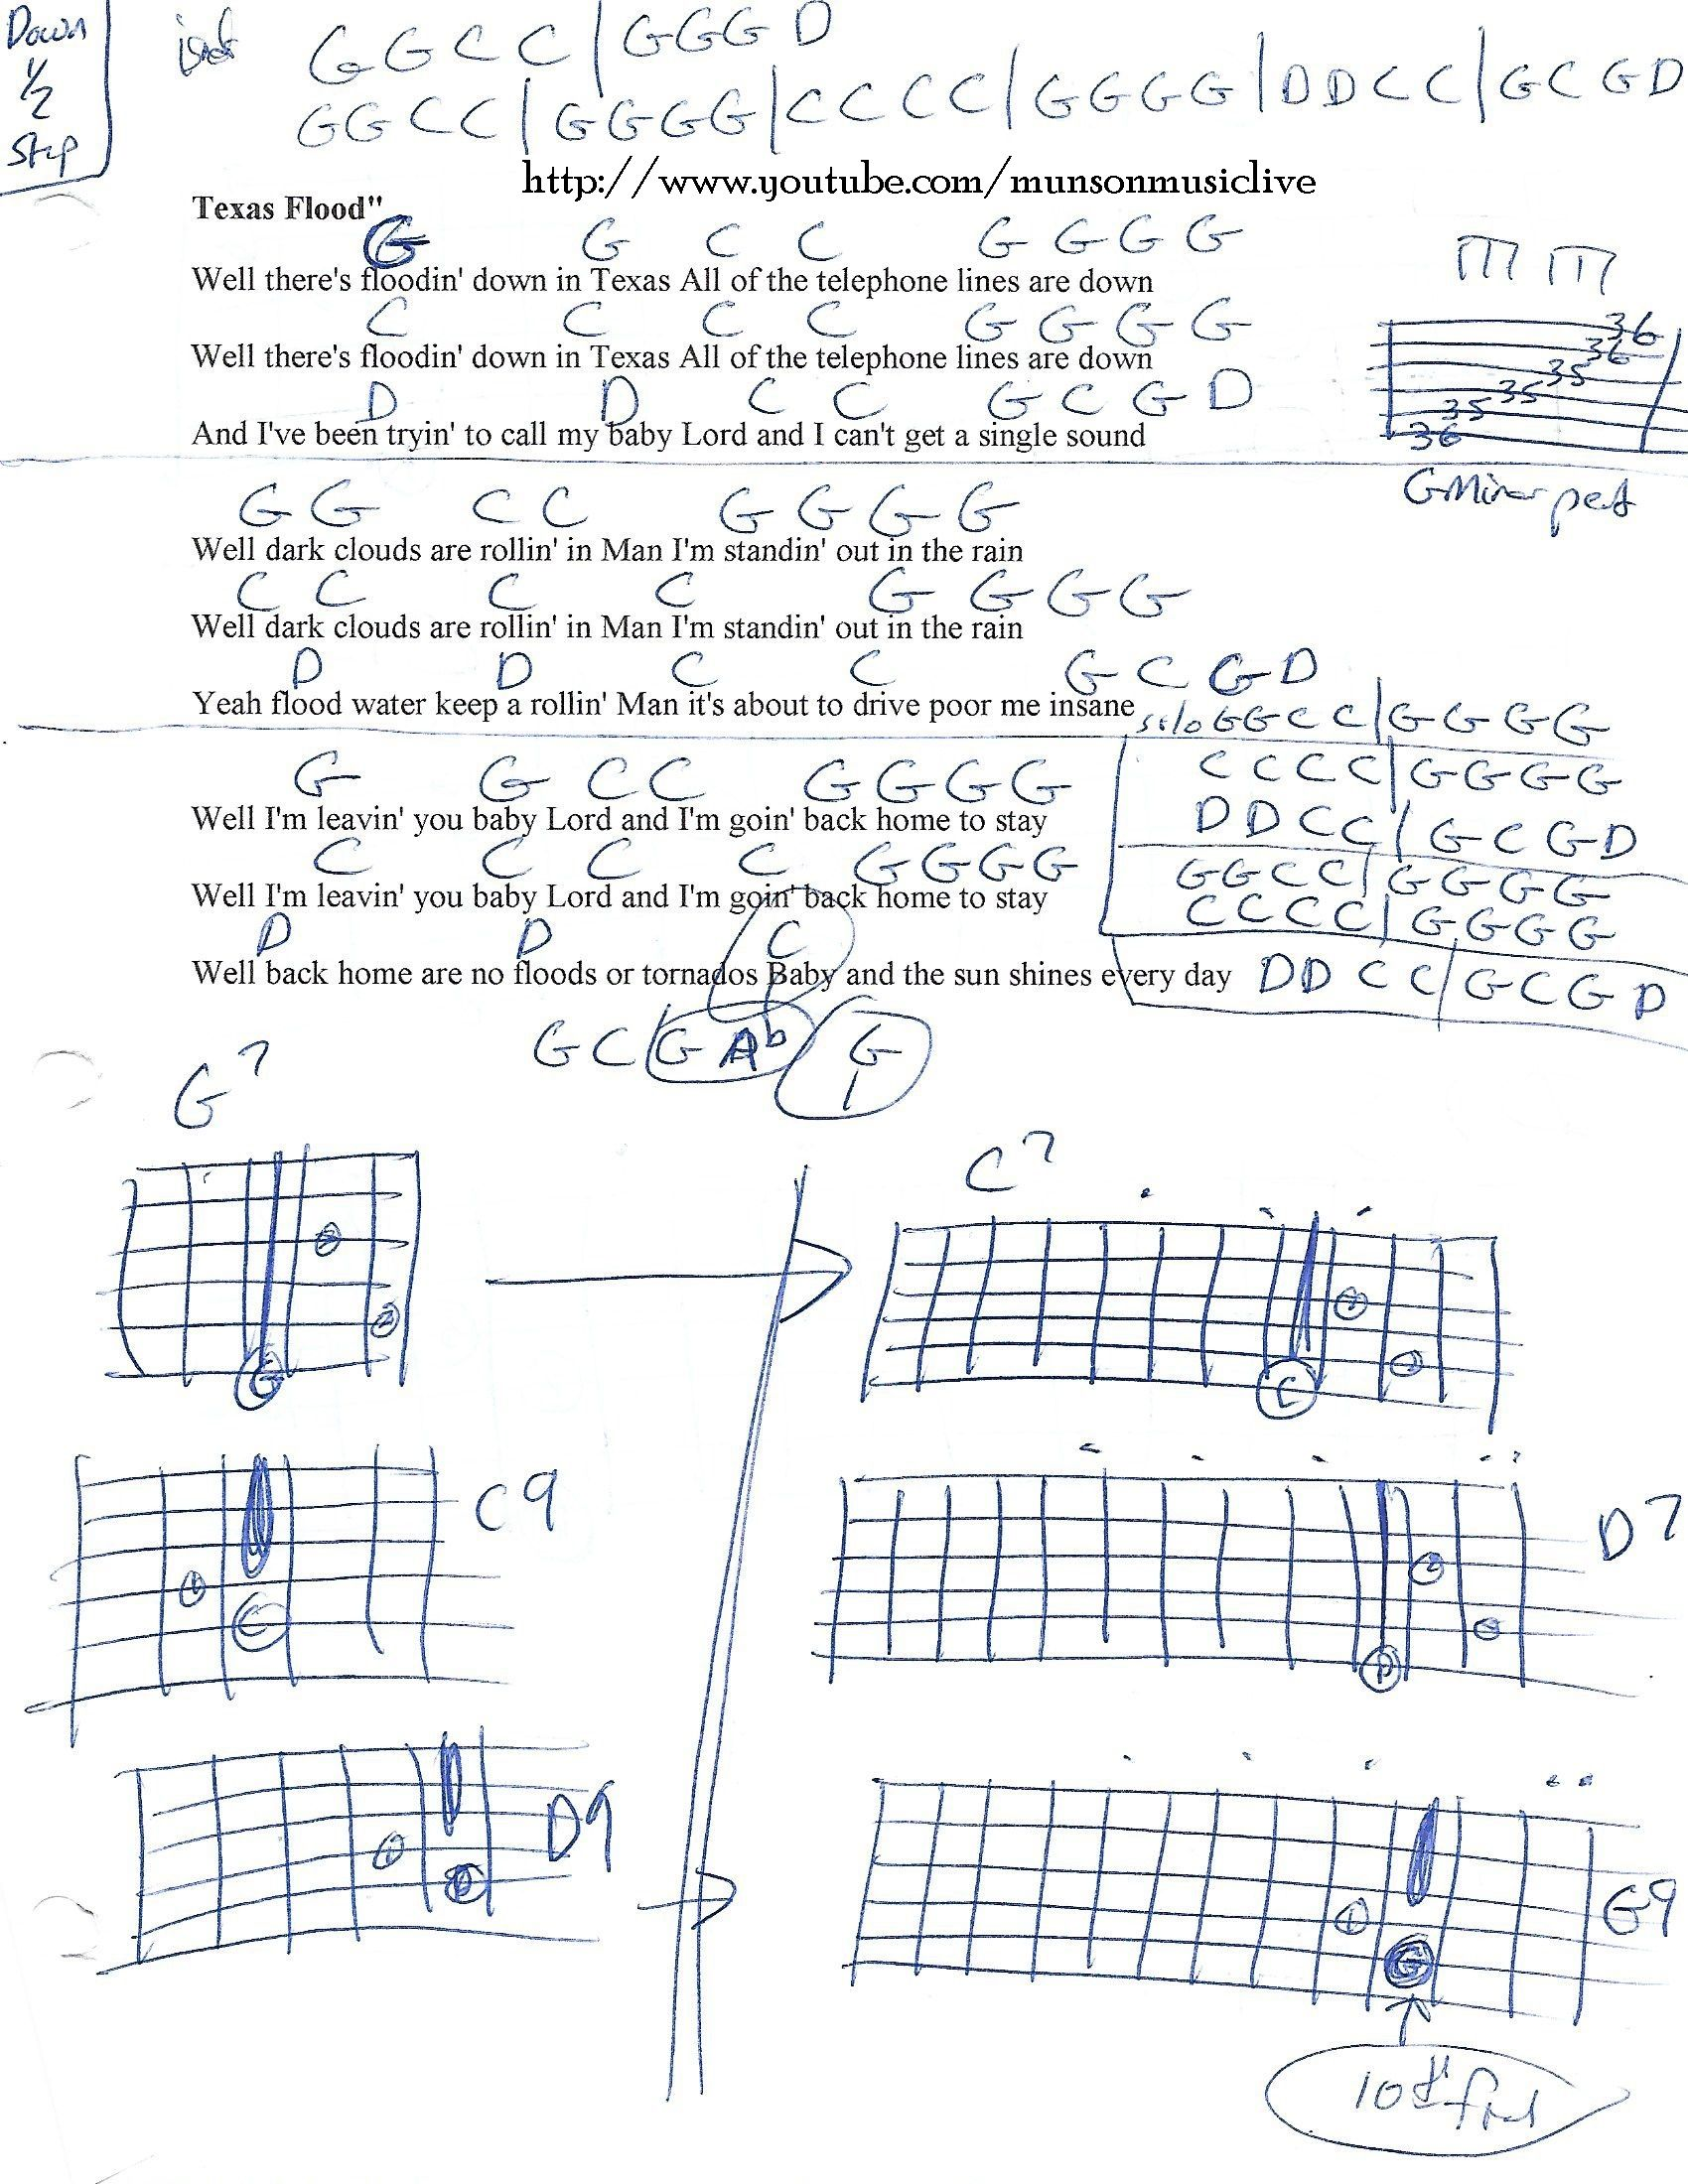 Texas flood srv guitar chord chart guitar lesson chord charts texas flood srv guitar chord chart hexwebz Gallery